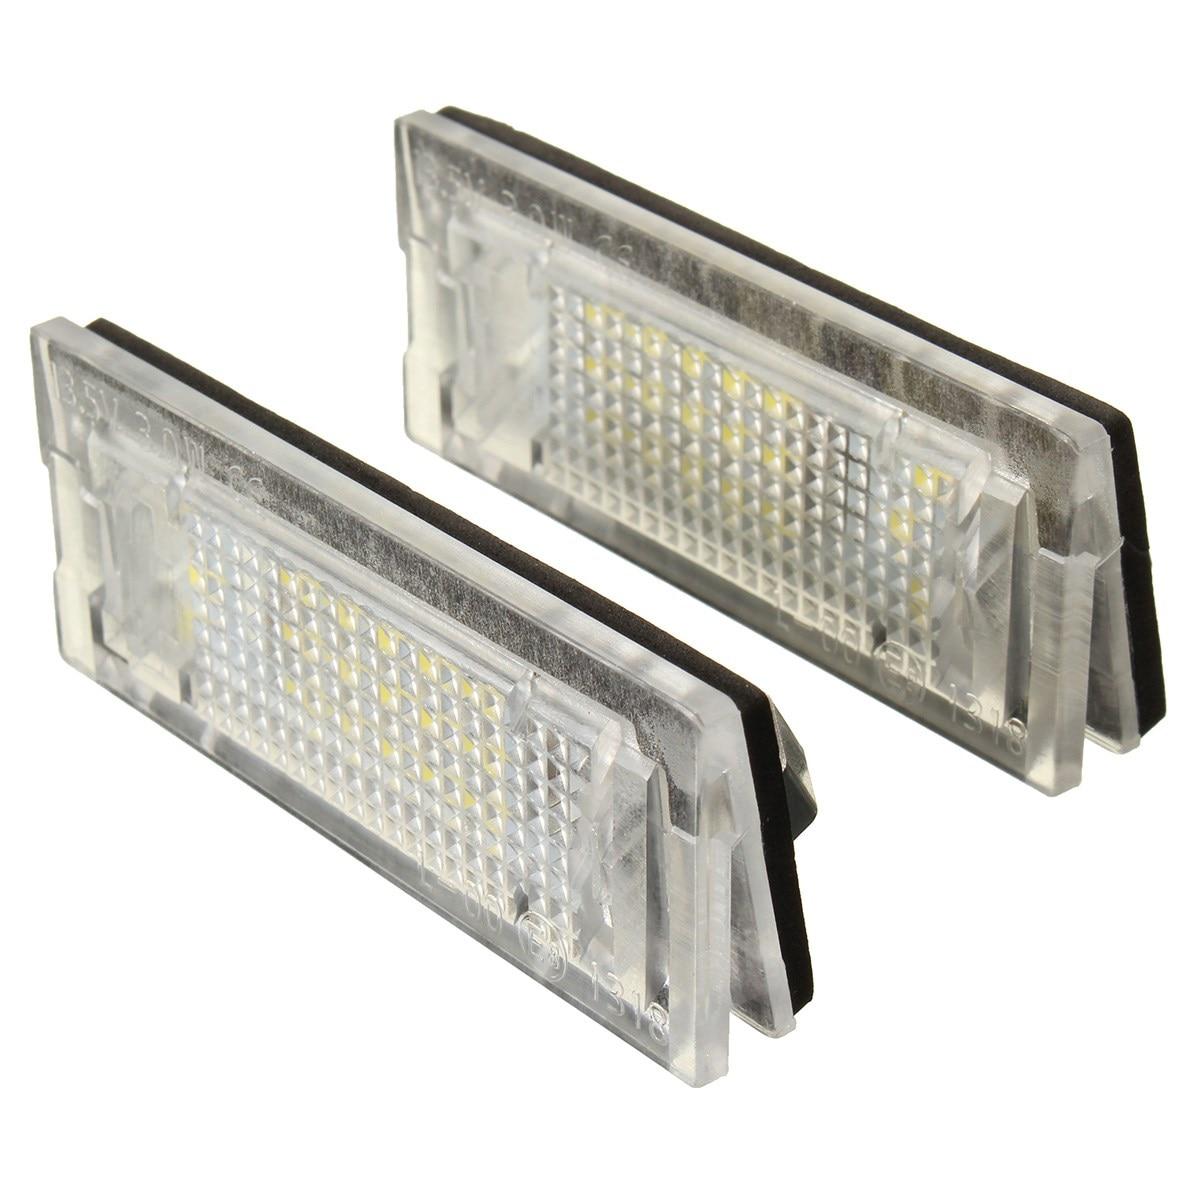 2x Weiß LED Anzahl Kennzeichenbeleuchtung Lampe Fit Für BMW E46 TOURING 5 Tür